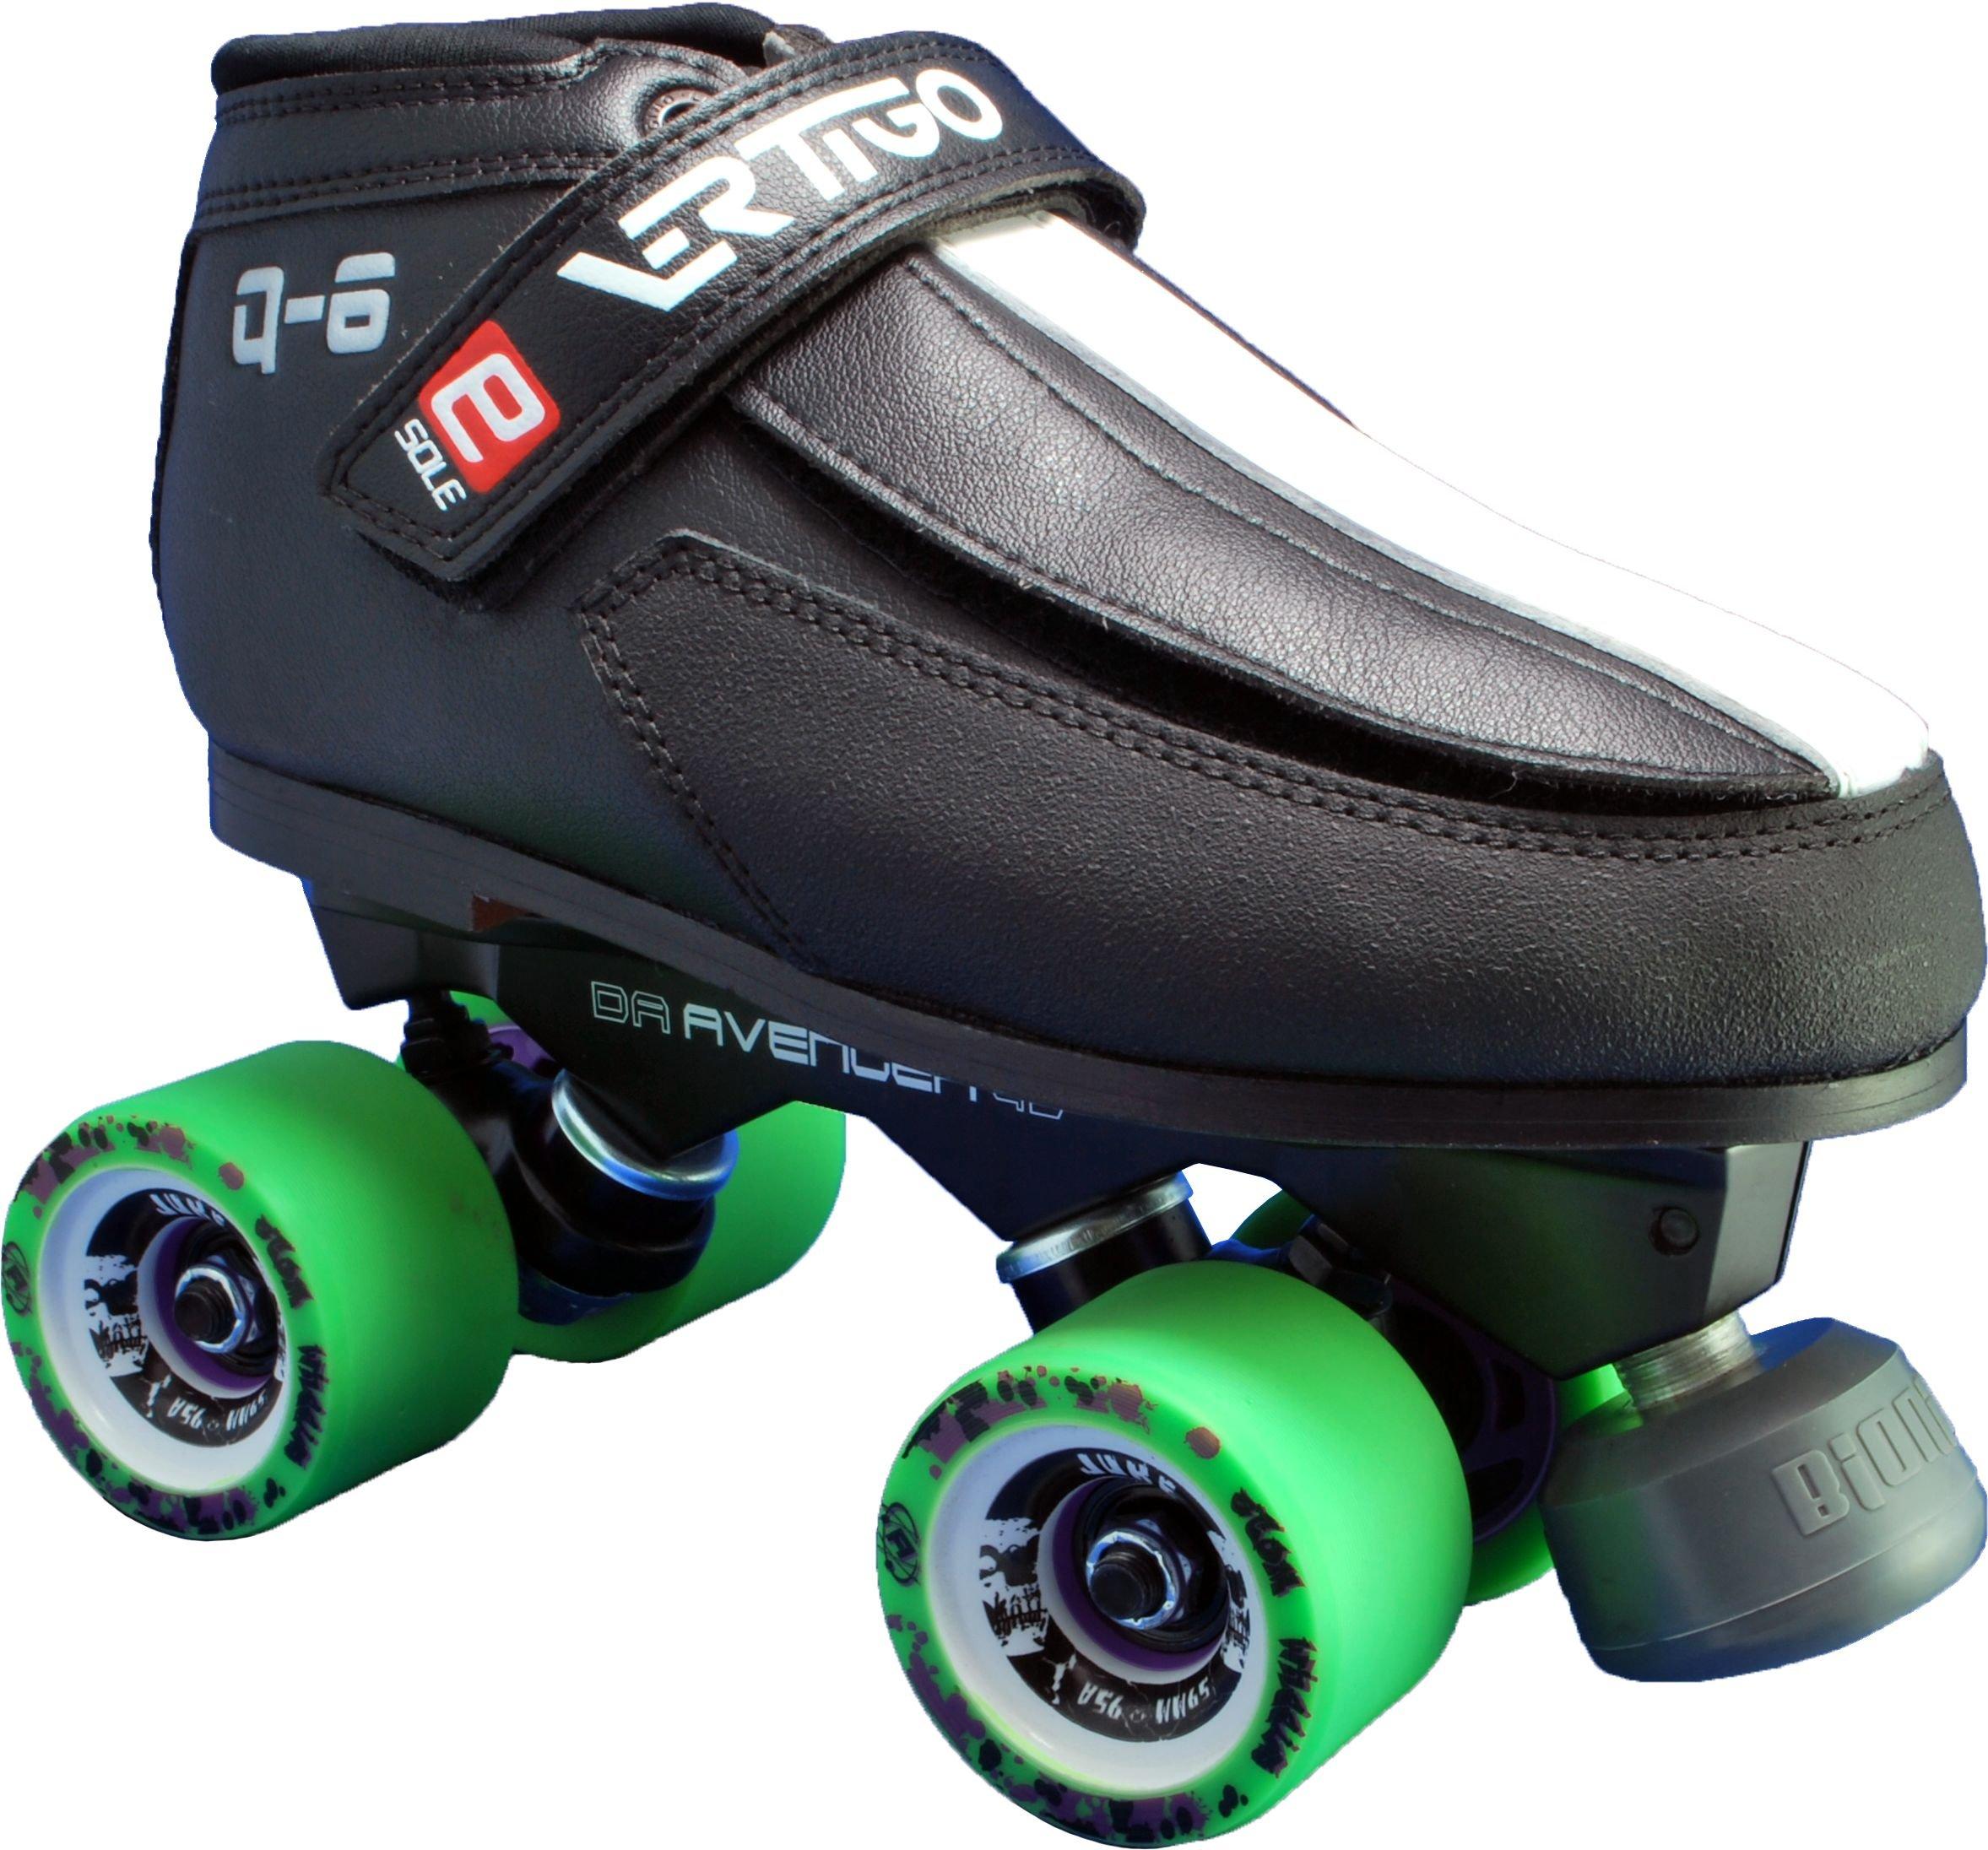 Luigino Vertigo Q6 Falcon Juke Roller Derby Skates - Luigino Quad Derby Skates Ladies 7 by Luigino